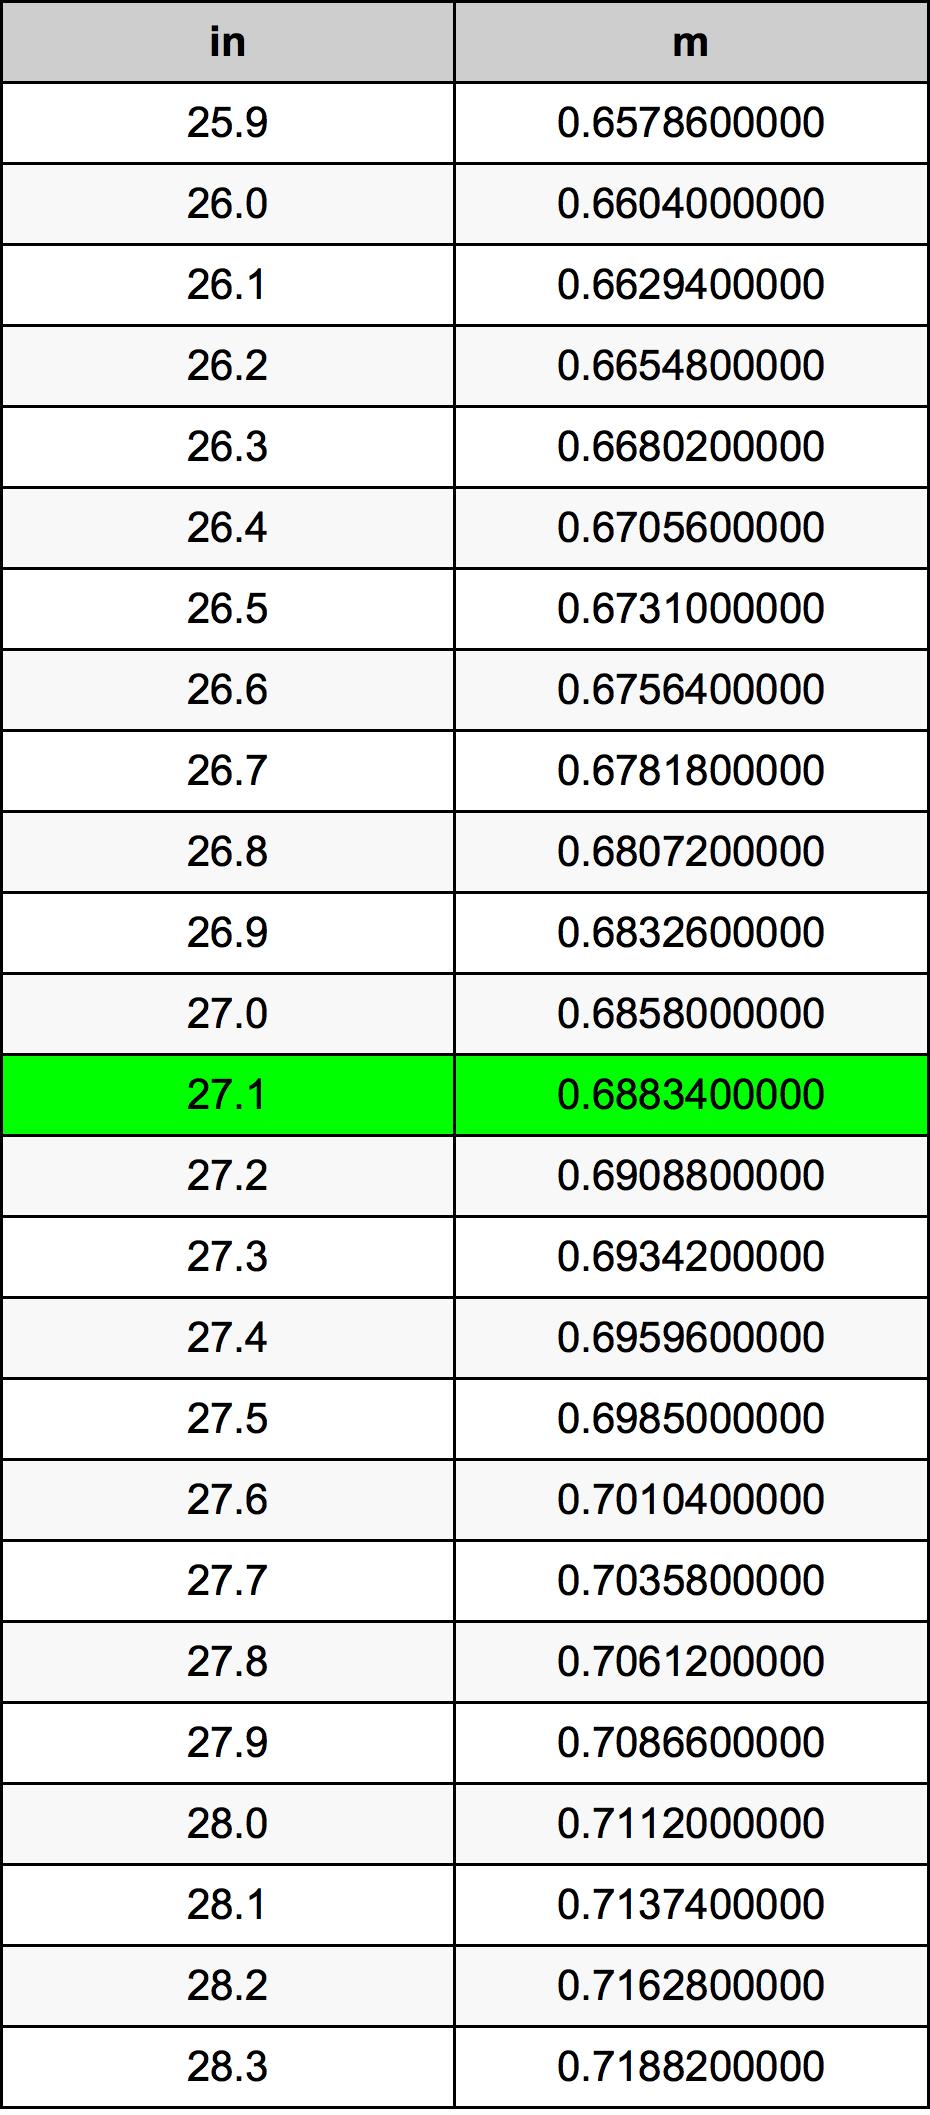 27.1 인치 변환 표